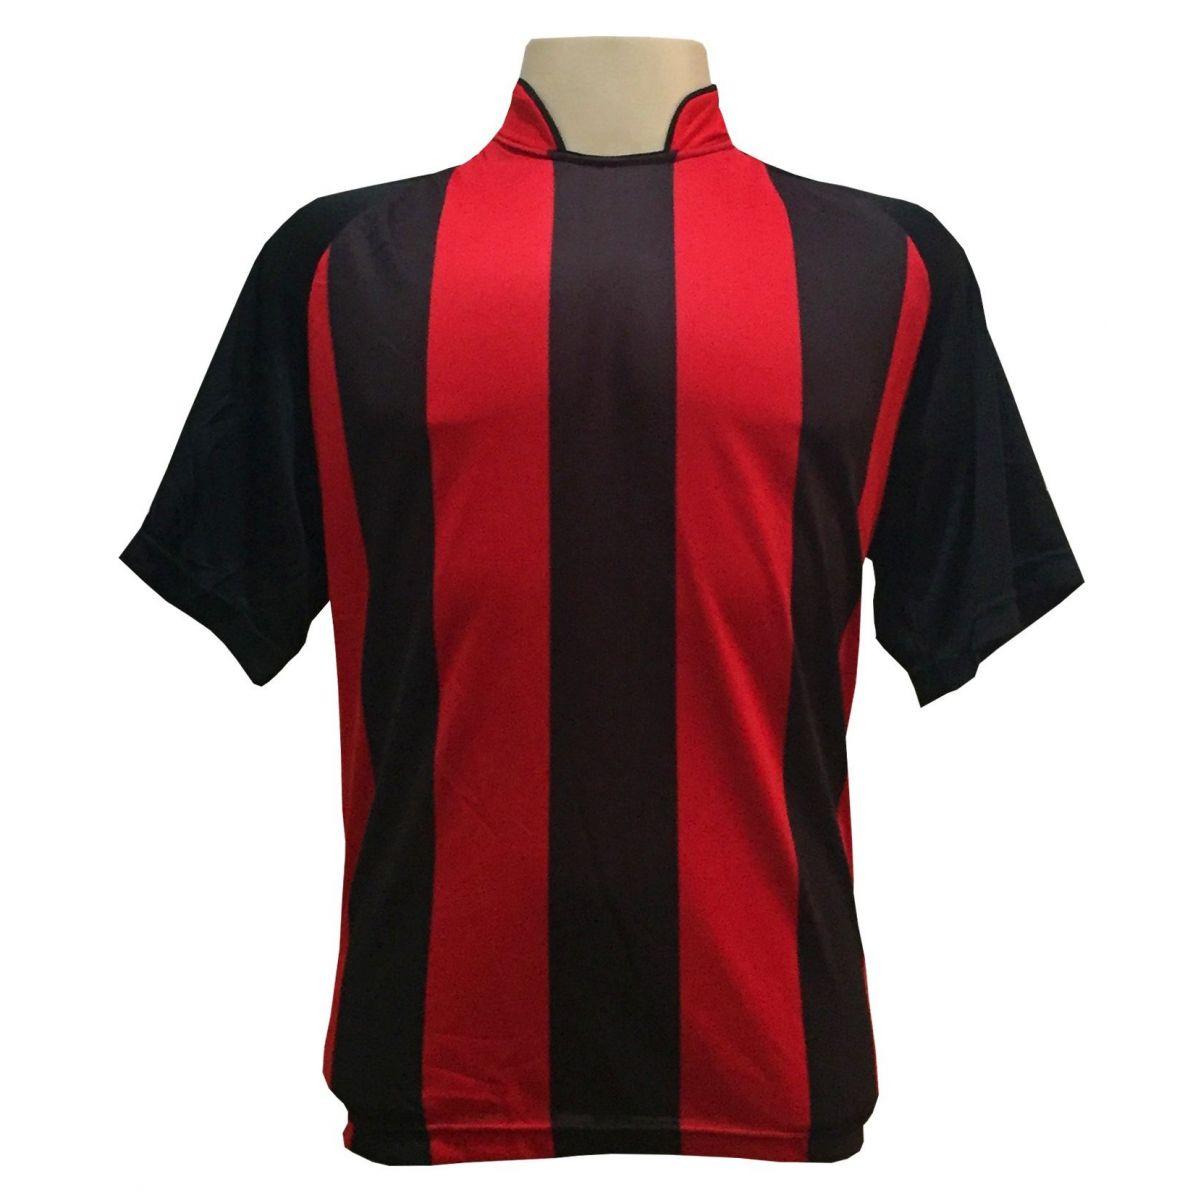 Jogo de Camisa com 18 unidades modelo Milan Preto/Vermelho